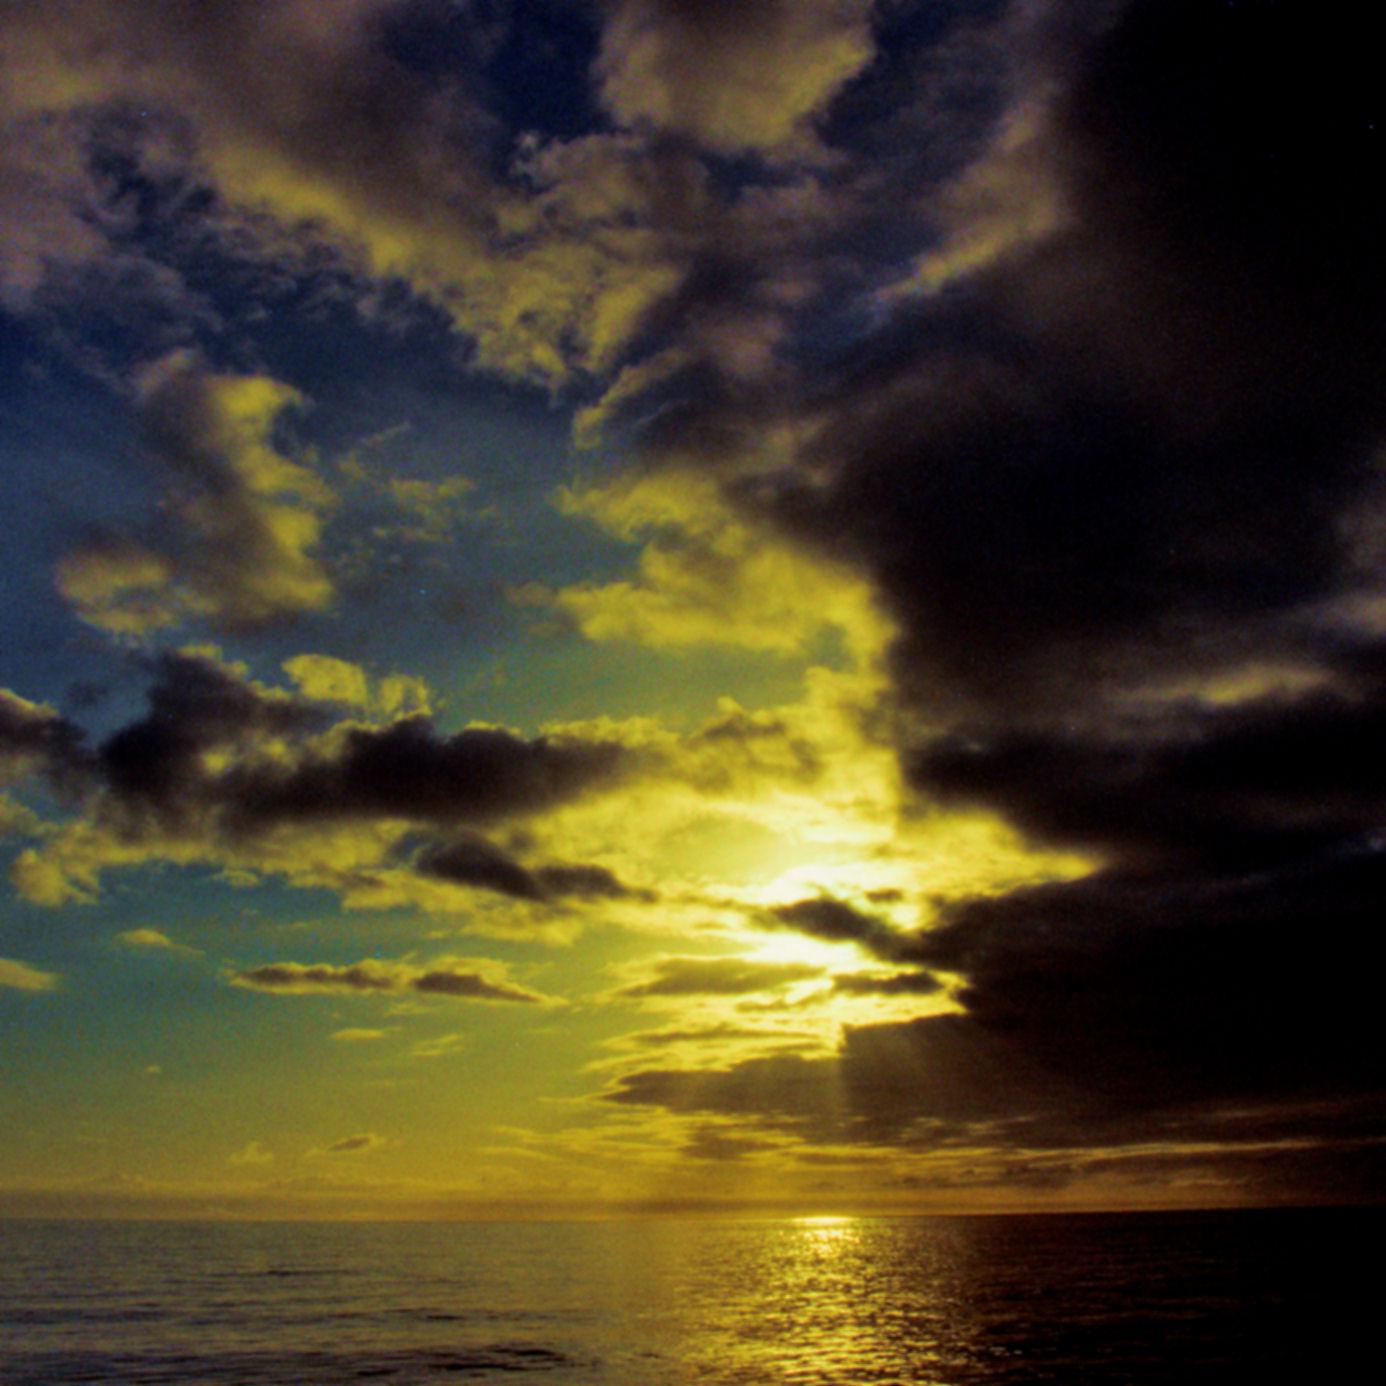 sun yellow 9.24x9.24